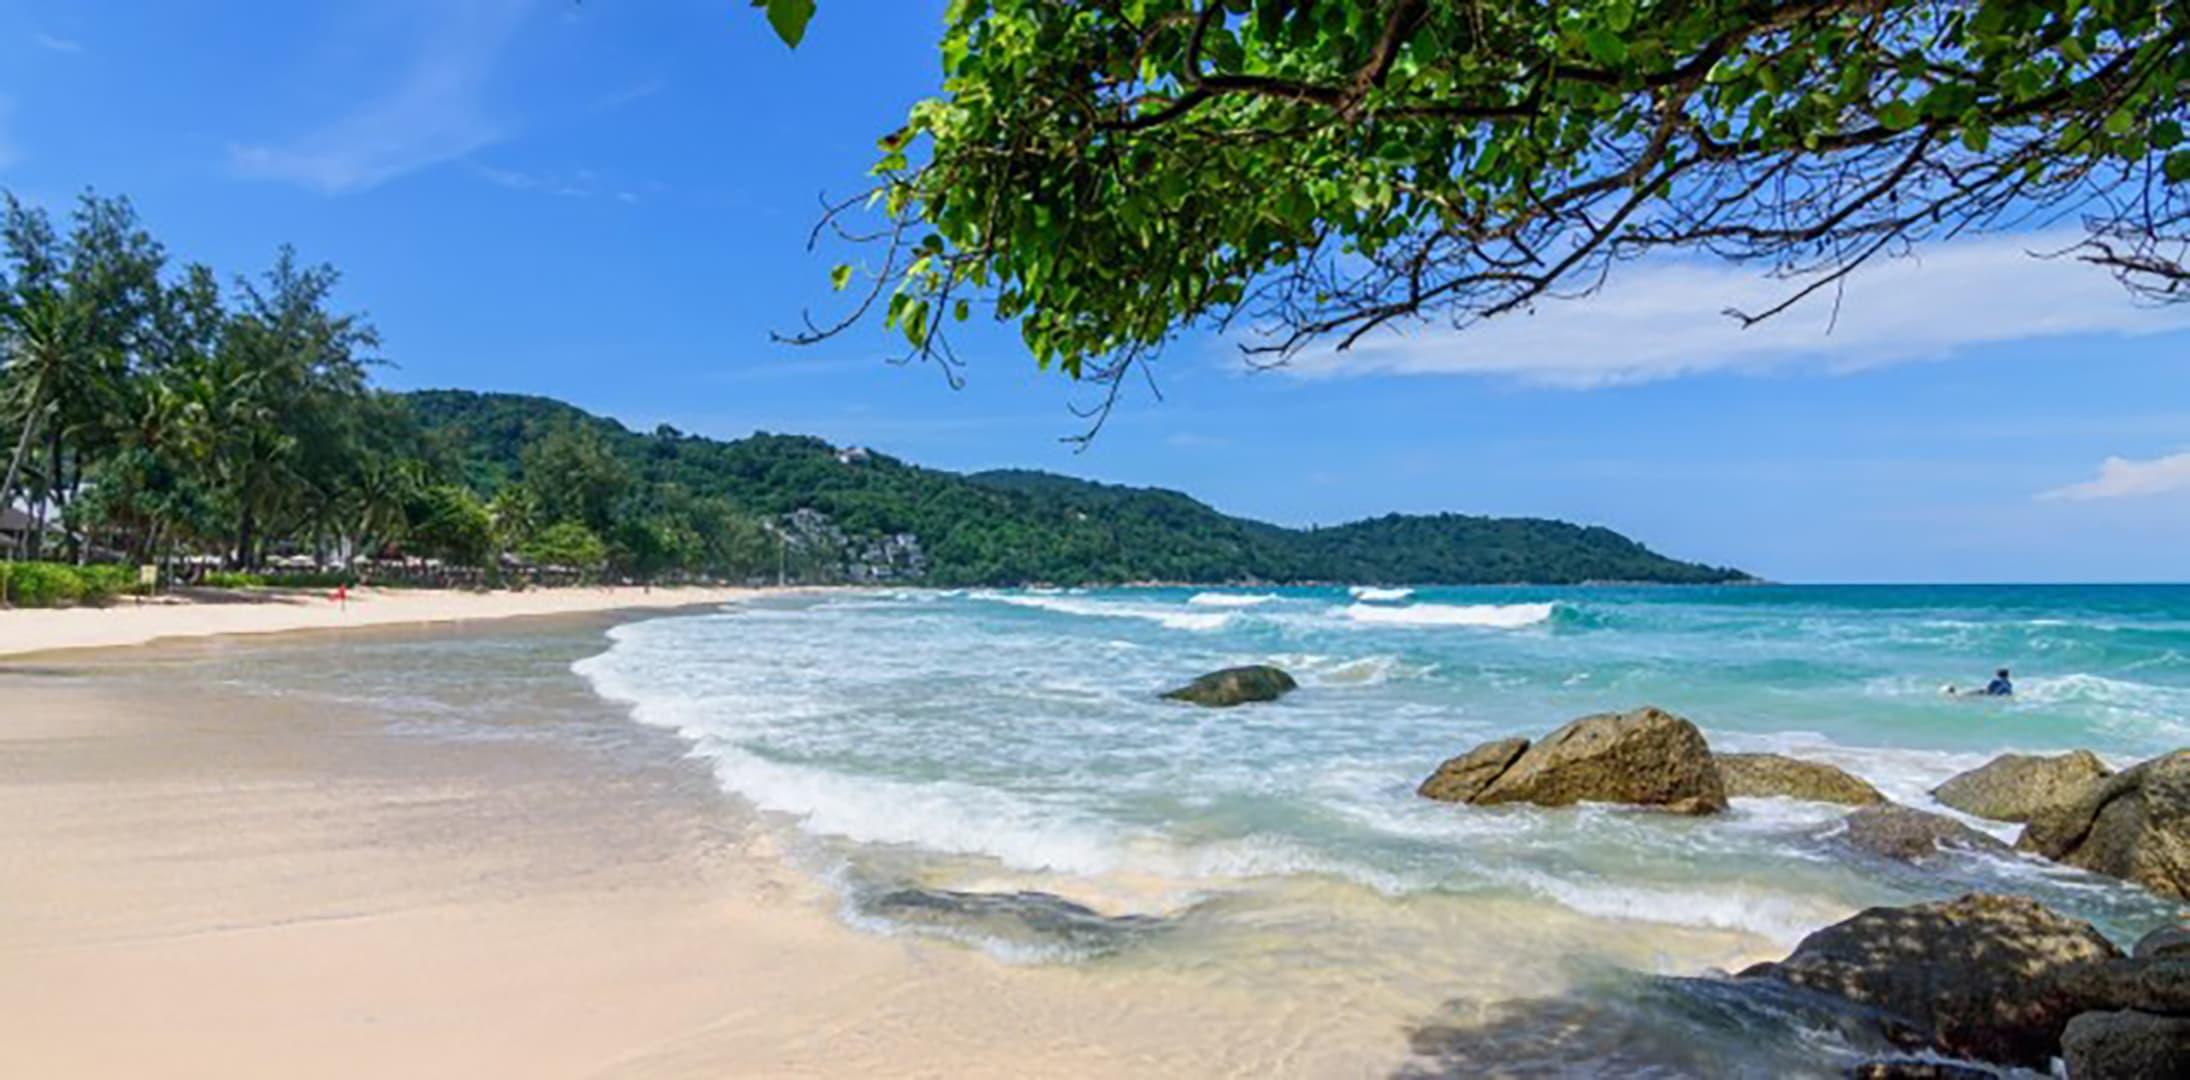 Bodega Phuket